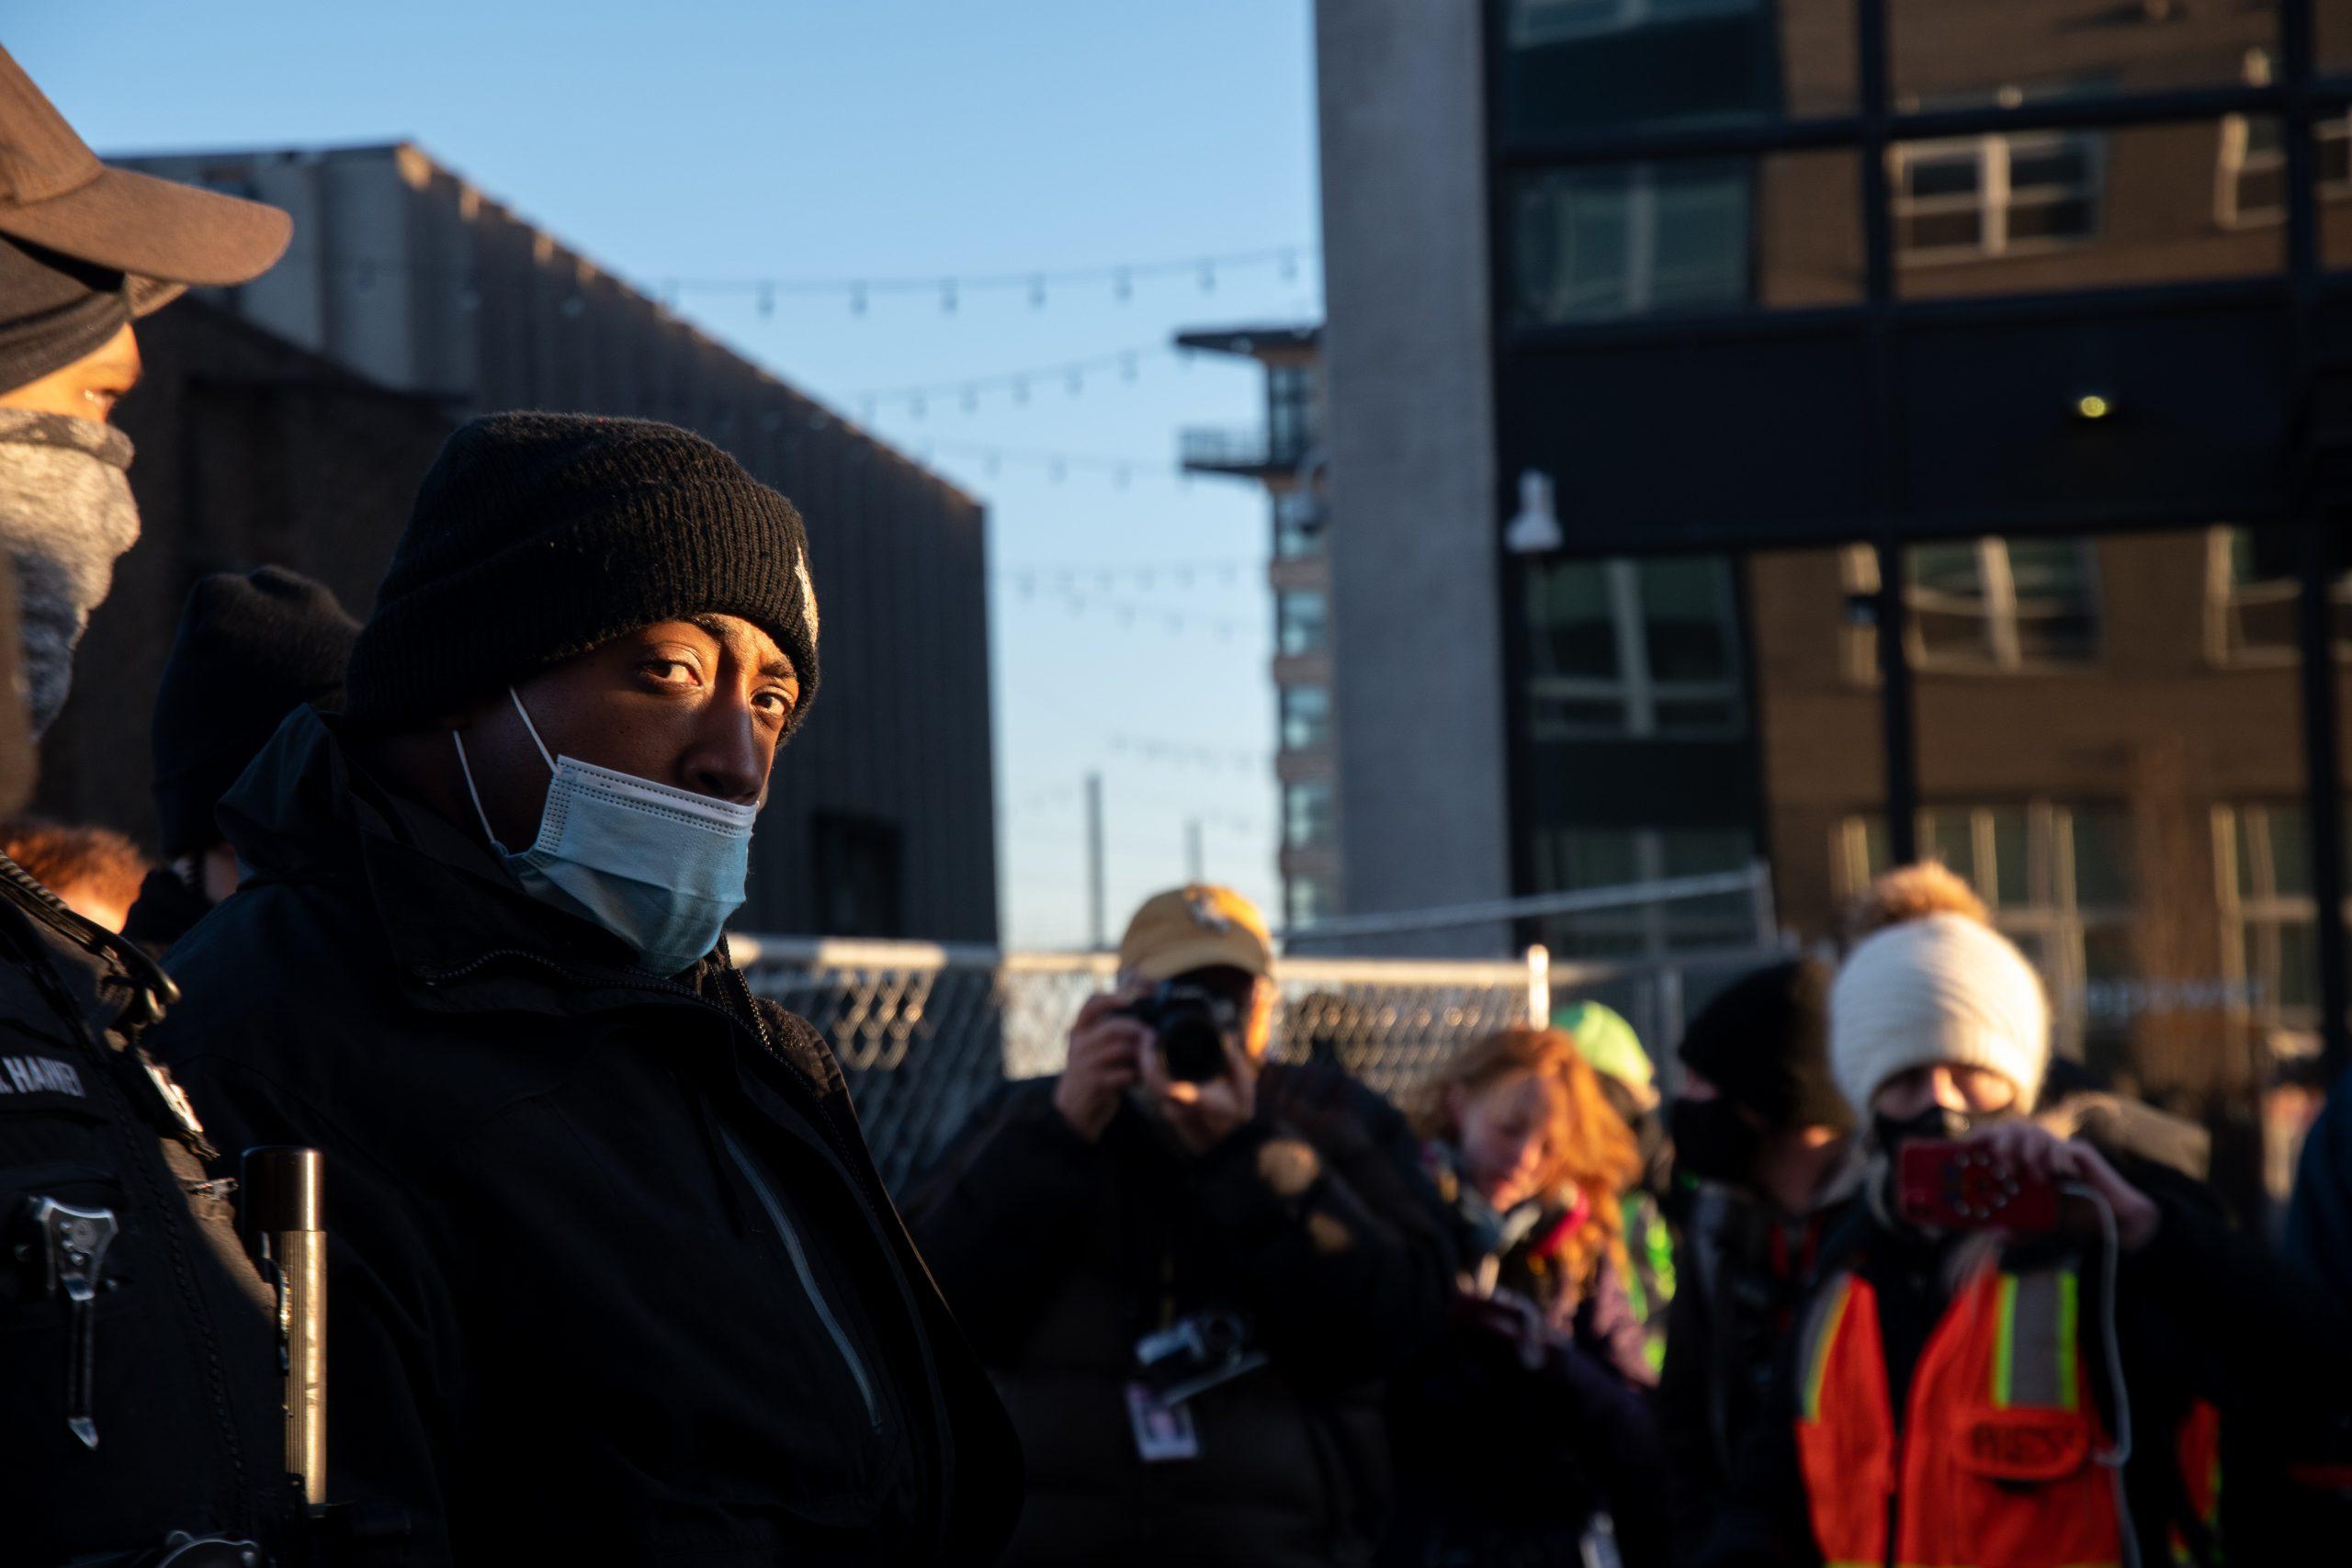 Denver City Council members discuss community push to reimagine public safety